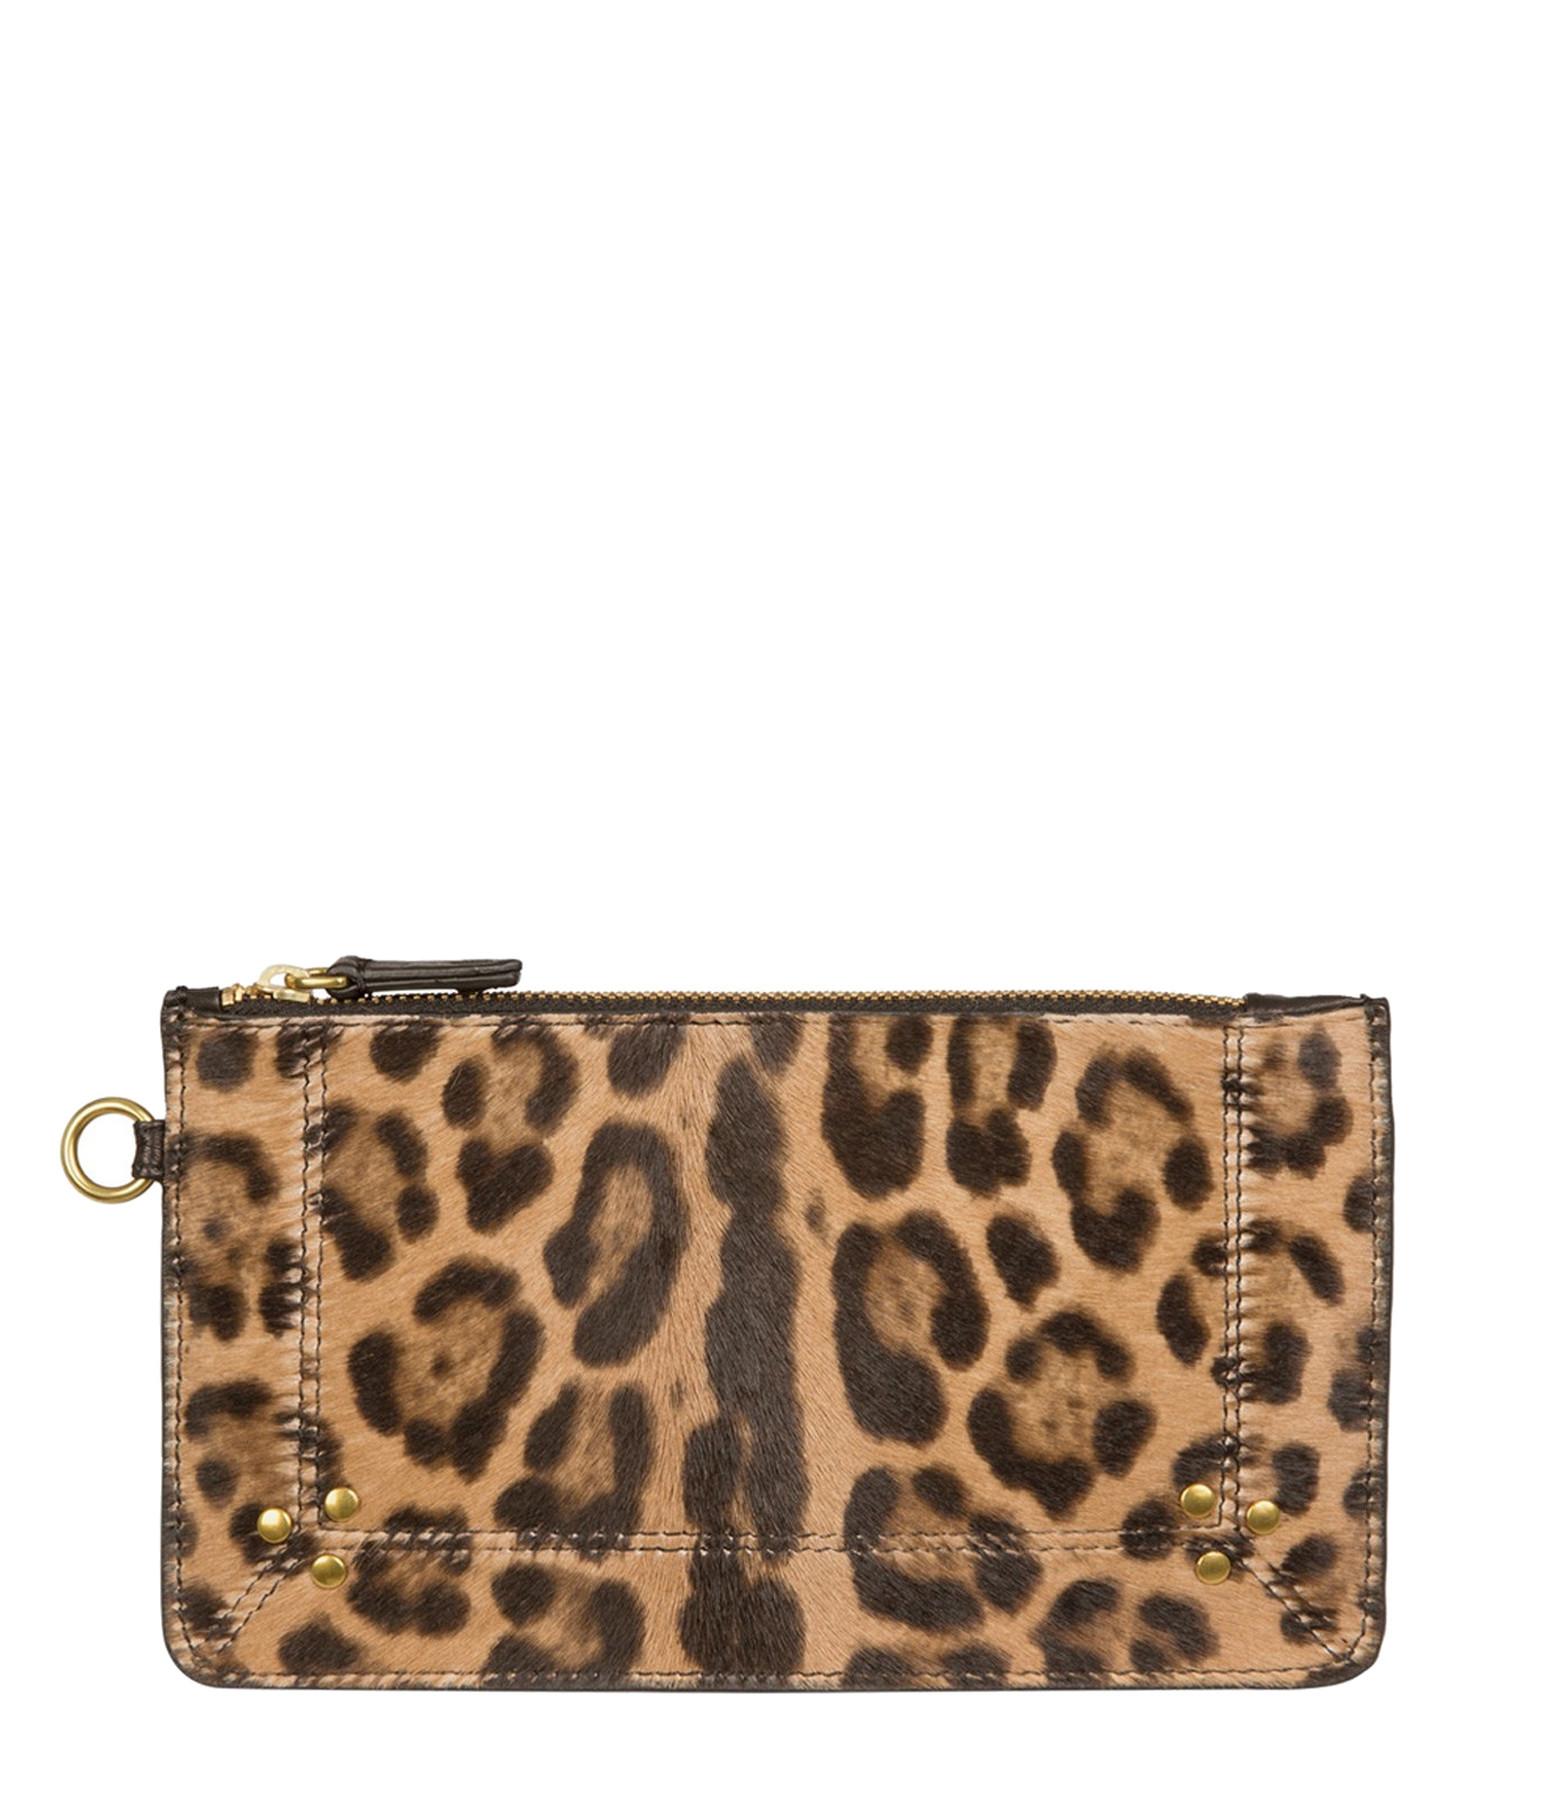 JEROME DREYFUSS - Pochette Popoche S Veau Agneau Leopard Sauvage